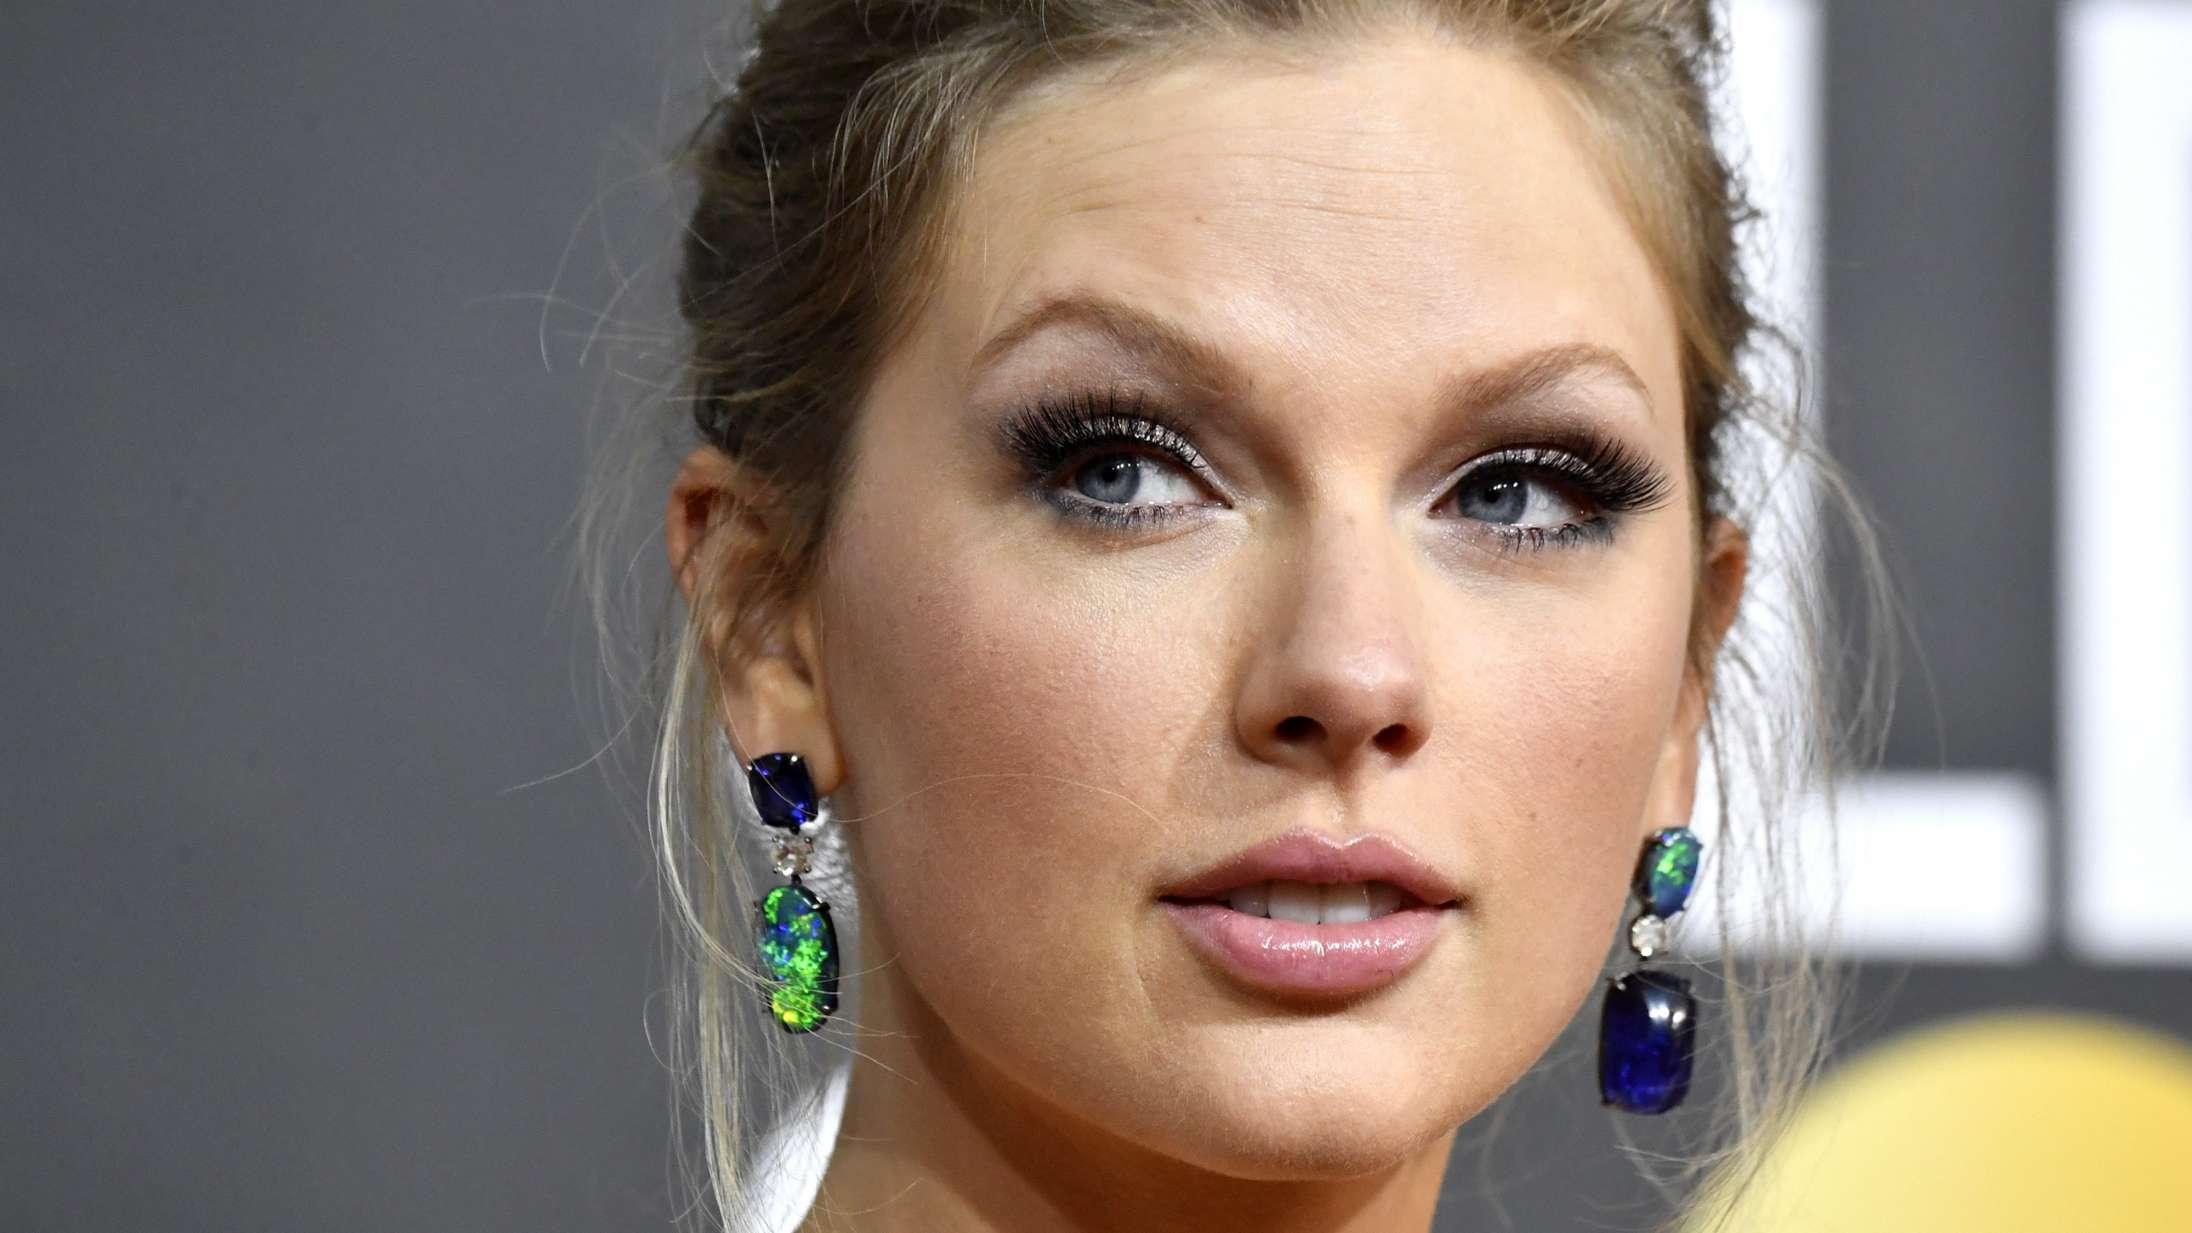 Internettet er overbevist om, at Taylor Swift og Harry Styles har begået mord